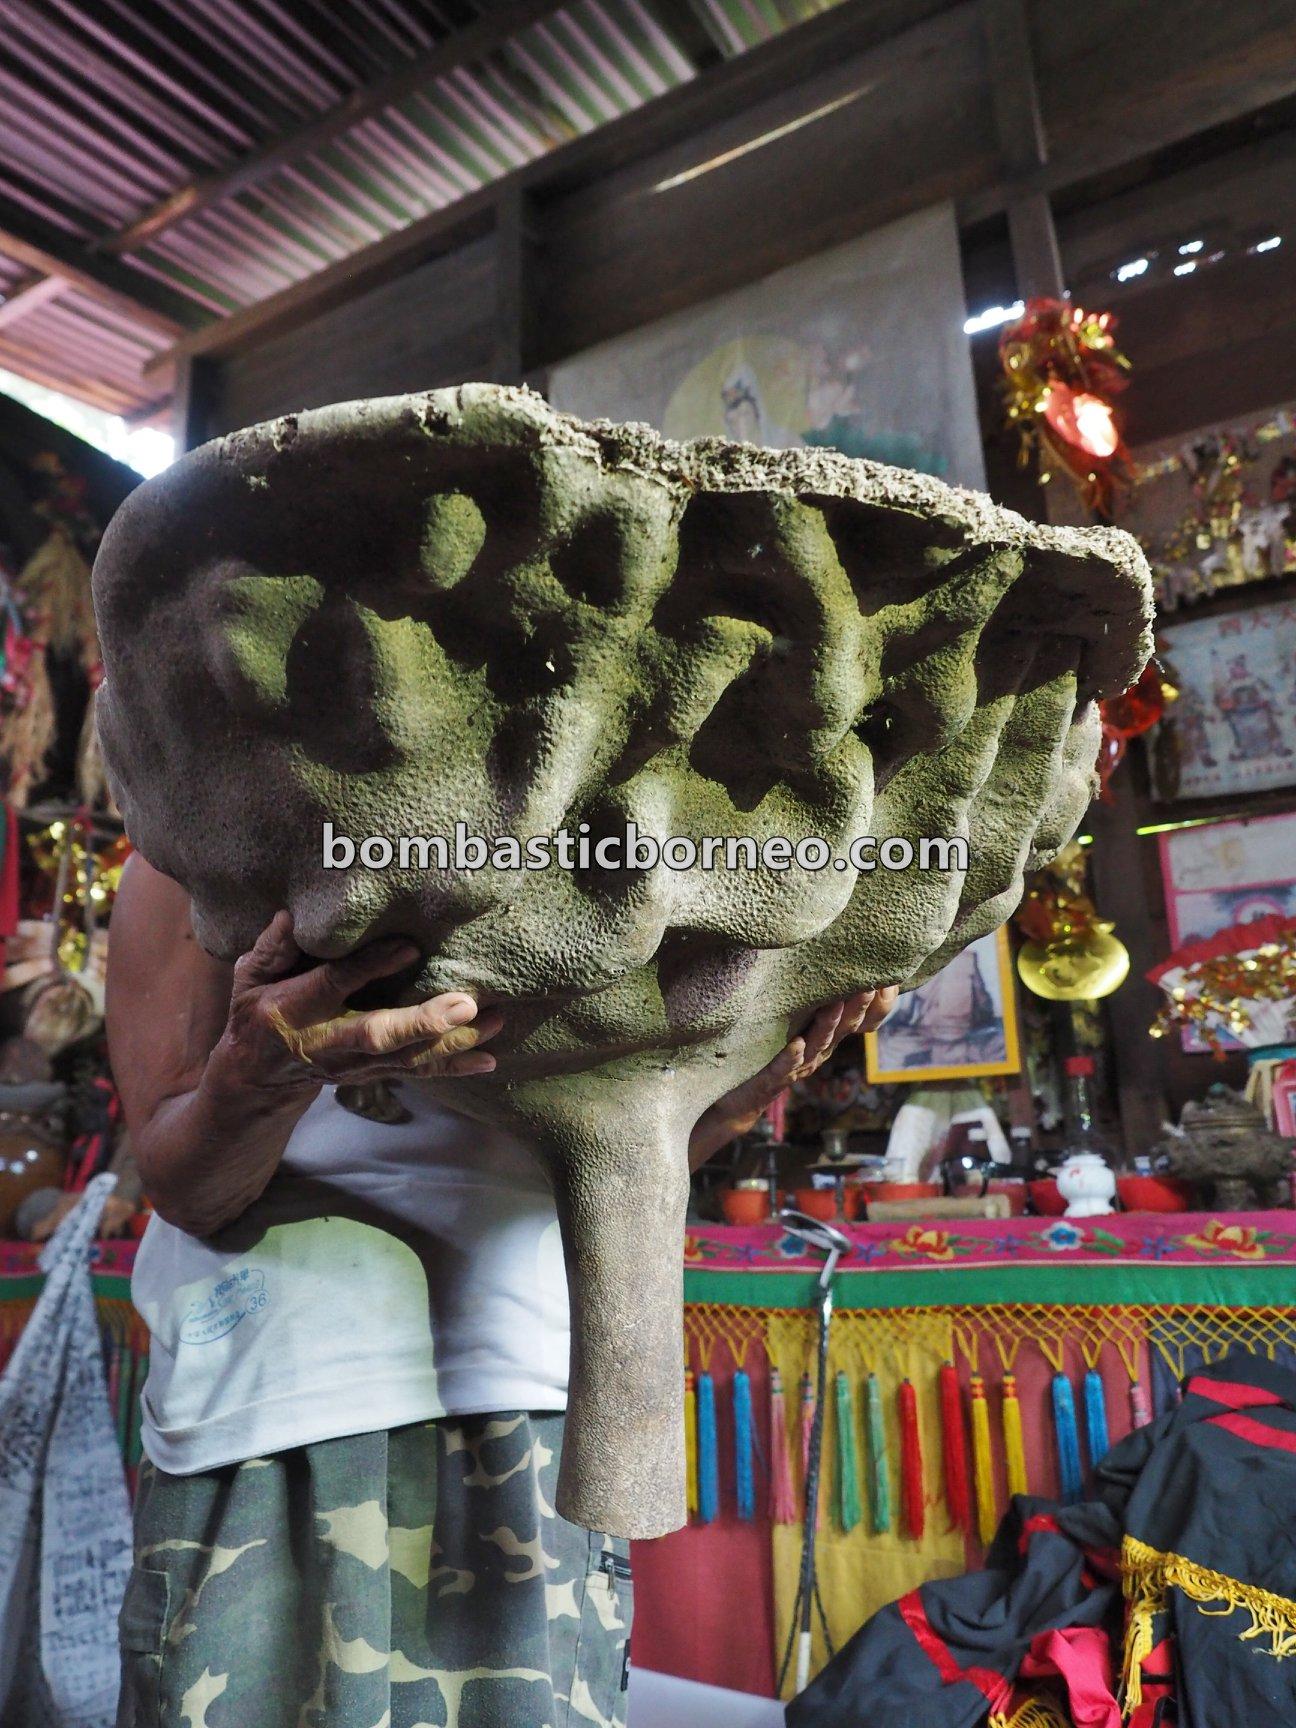 Panglima Siru, Dukun, Shaman, antiques, medicine, herbal, Bengkayang, Dusun Paling Dalam, Sango, Sanggau Ledo, village, Cross Border, 跨境婆罗洲游踪, 印尼西加里曼丹, 孟加映菌菇